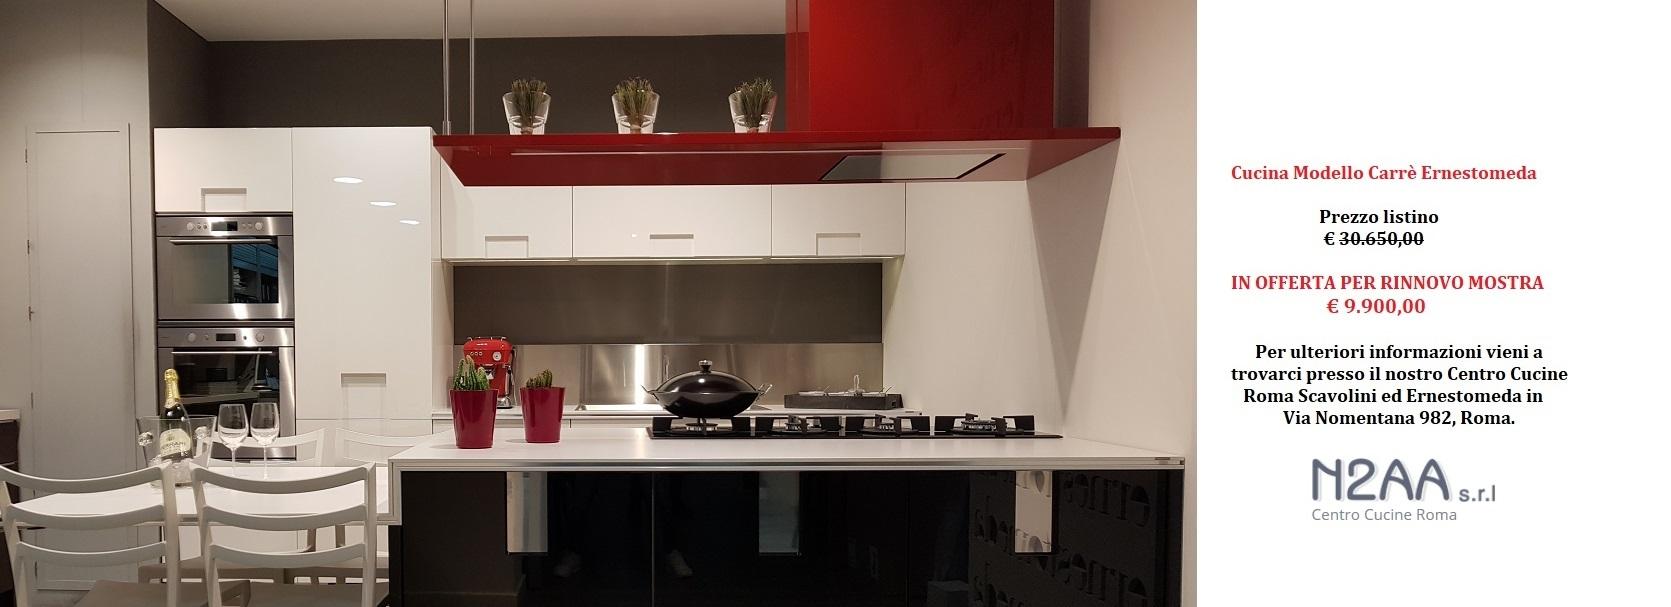 Cucina ernestomeda carr - Centro cucine roma nord ...